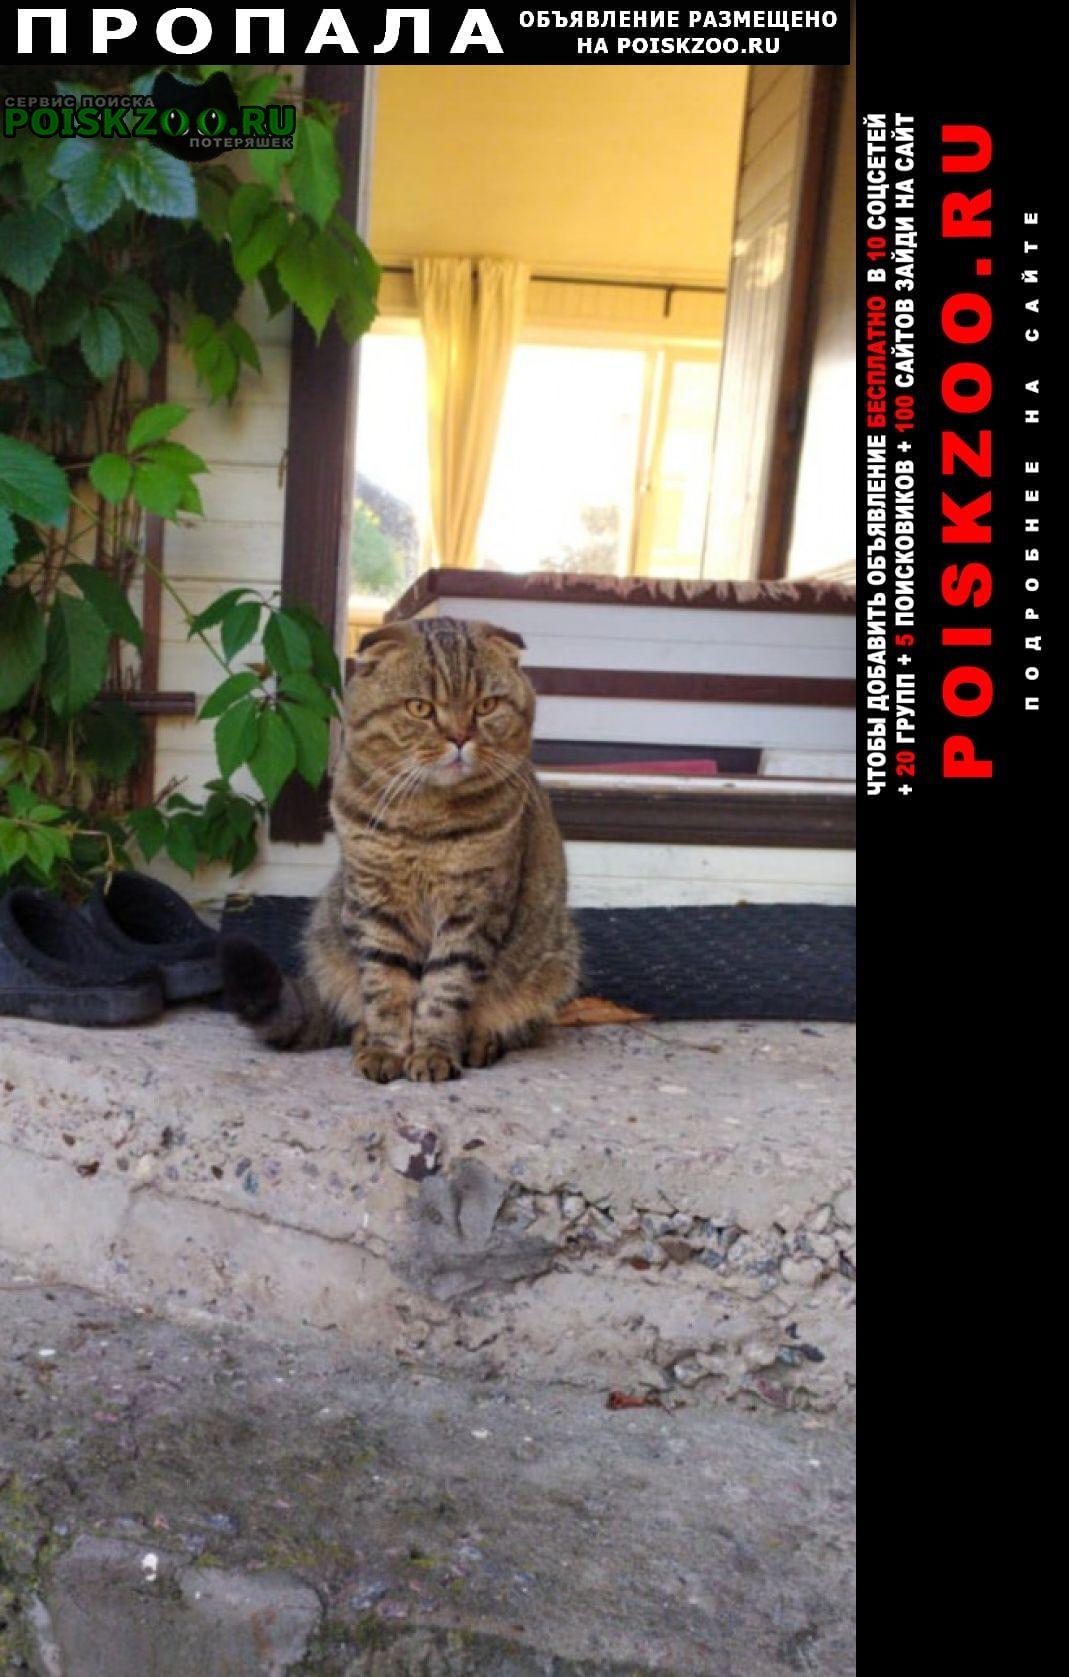 Пропала кошка кот. Конаково